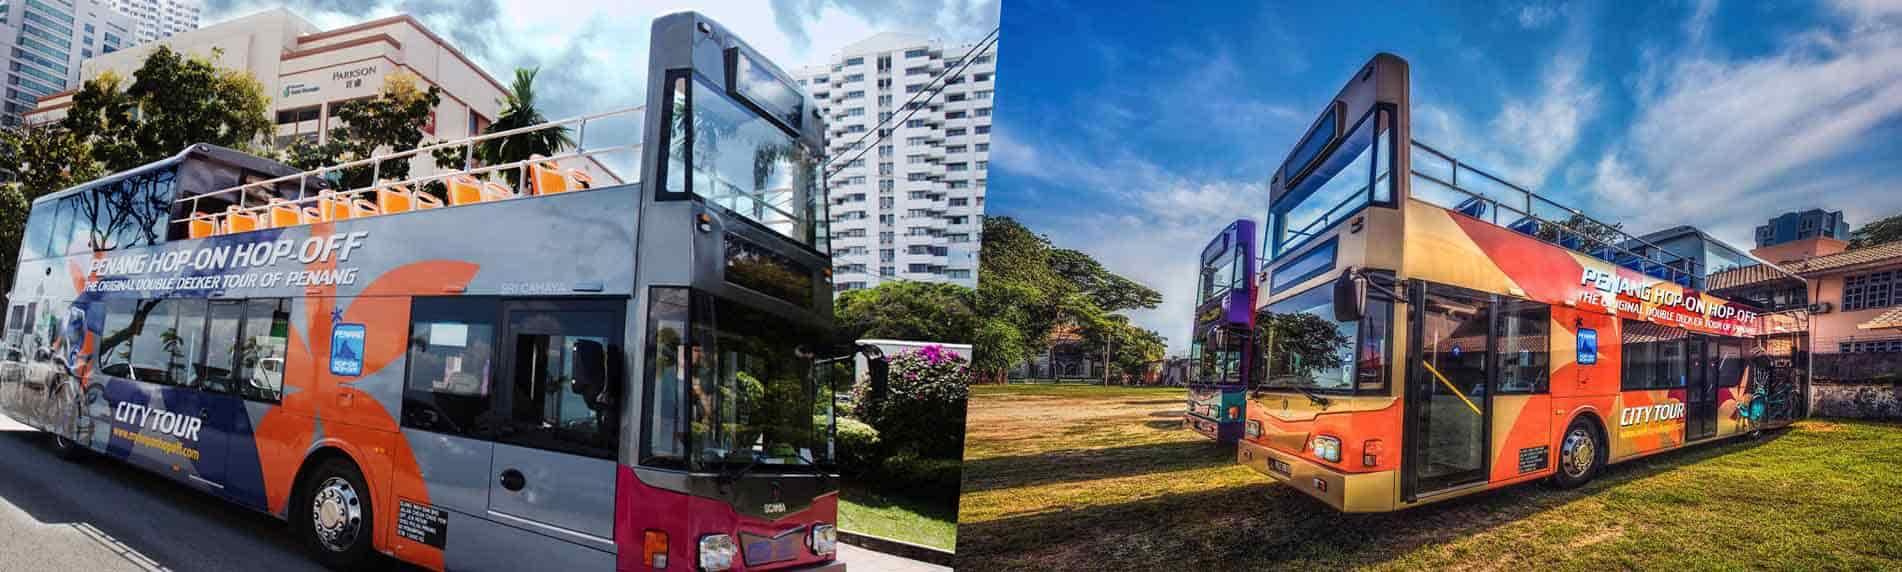 Penang Hop On Hop Off Bus Tour